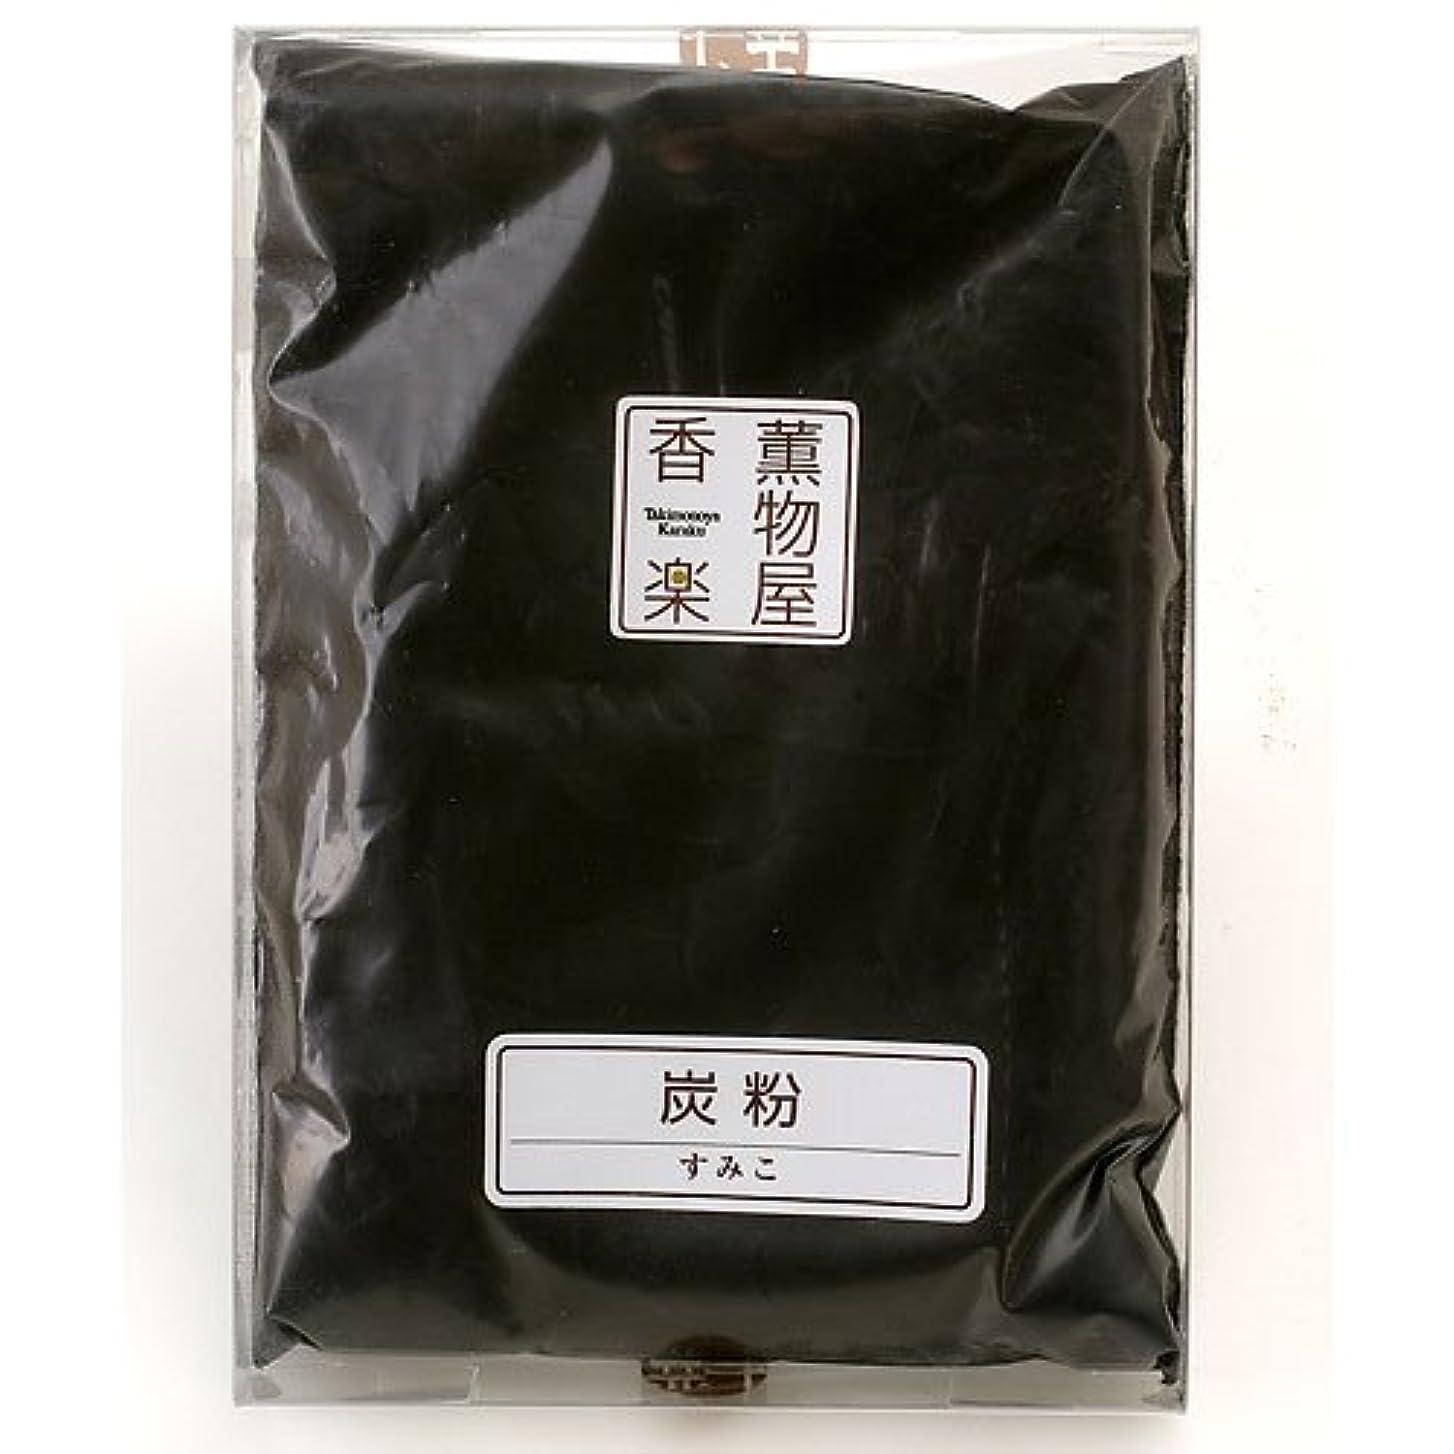 扇動するコンテスト手順炭粉(着火/カビ防止) 線香?練香の材料